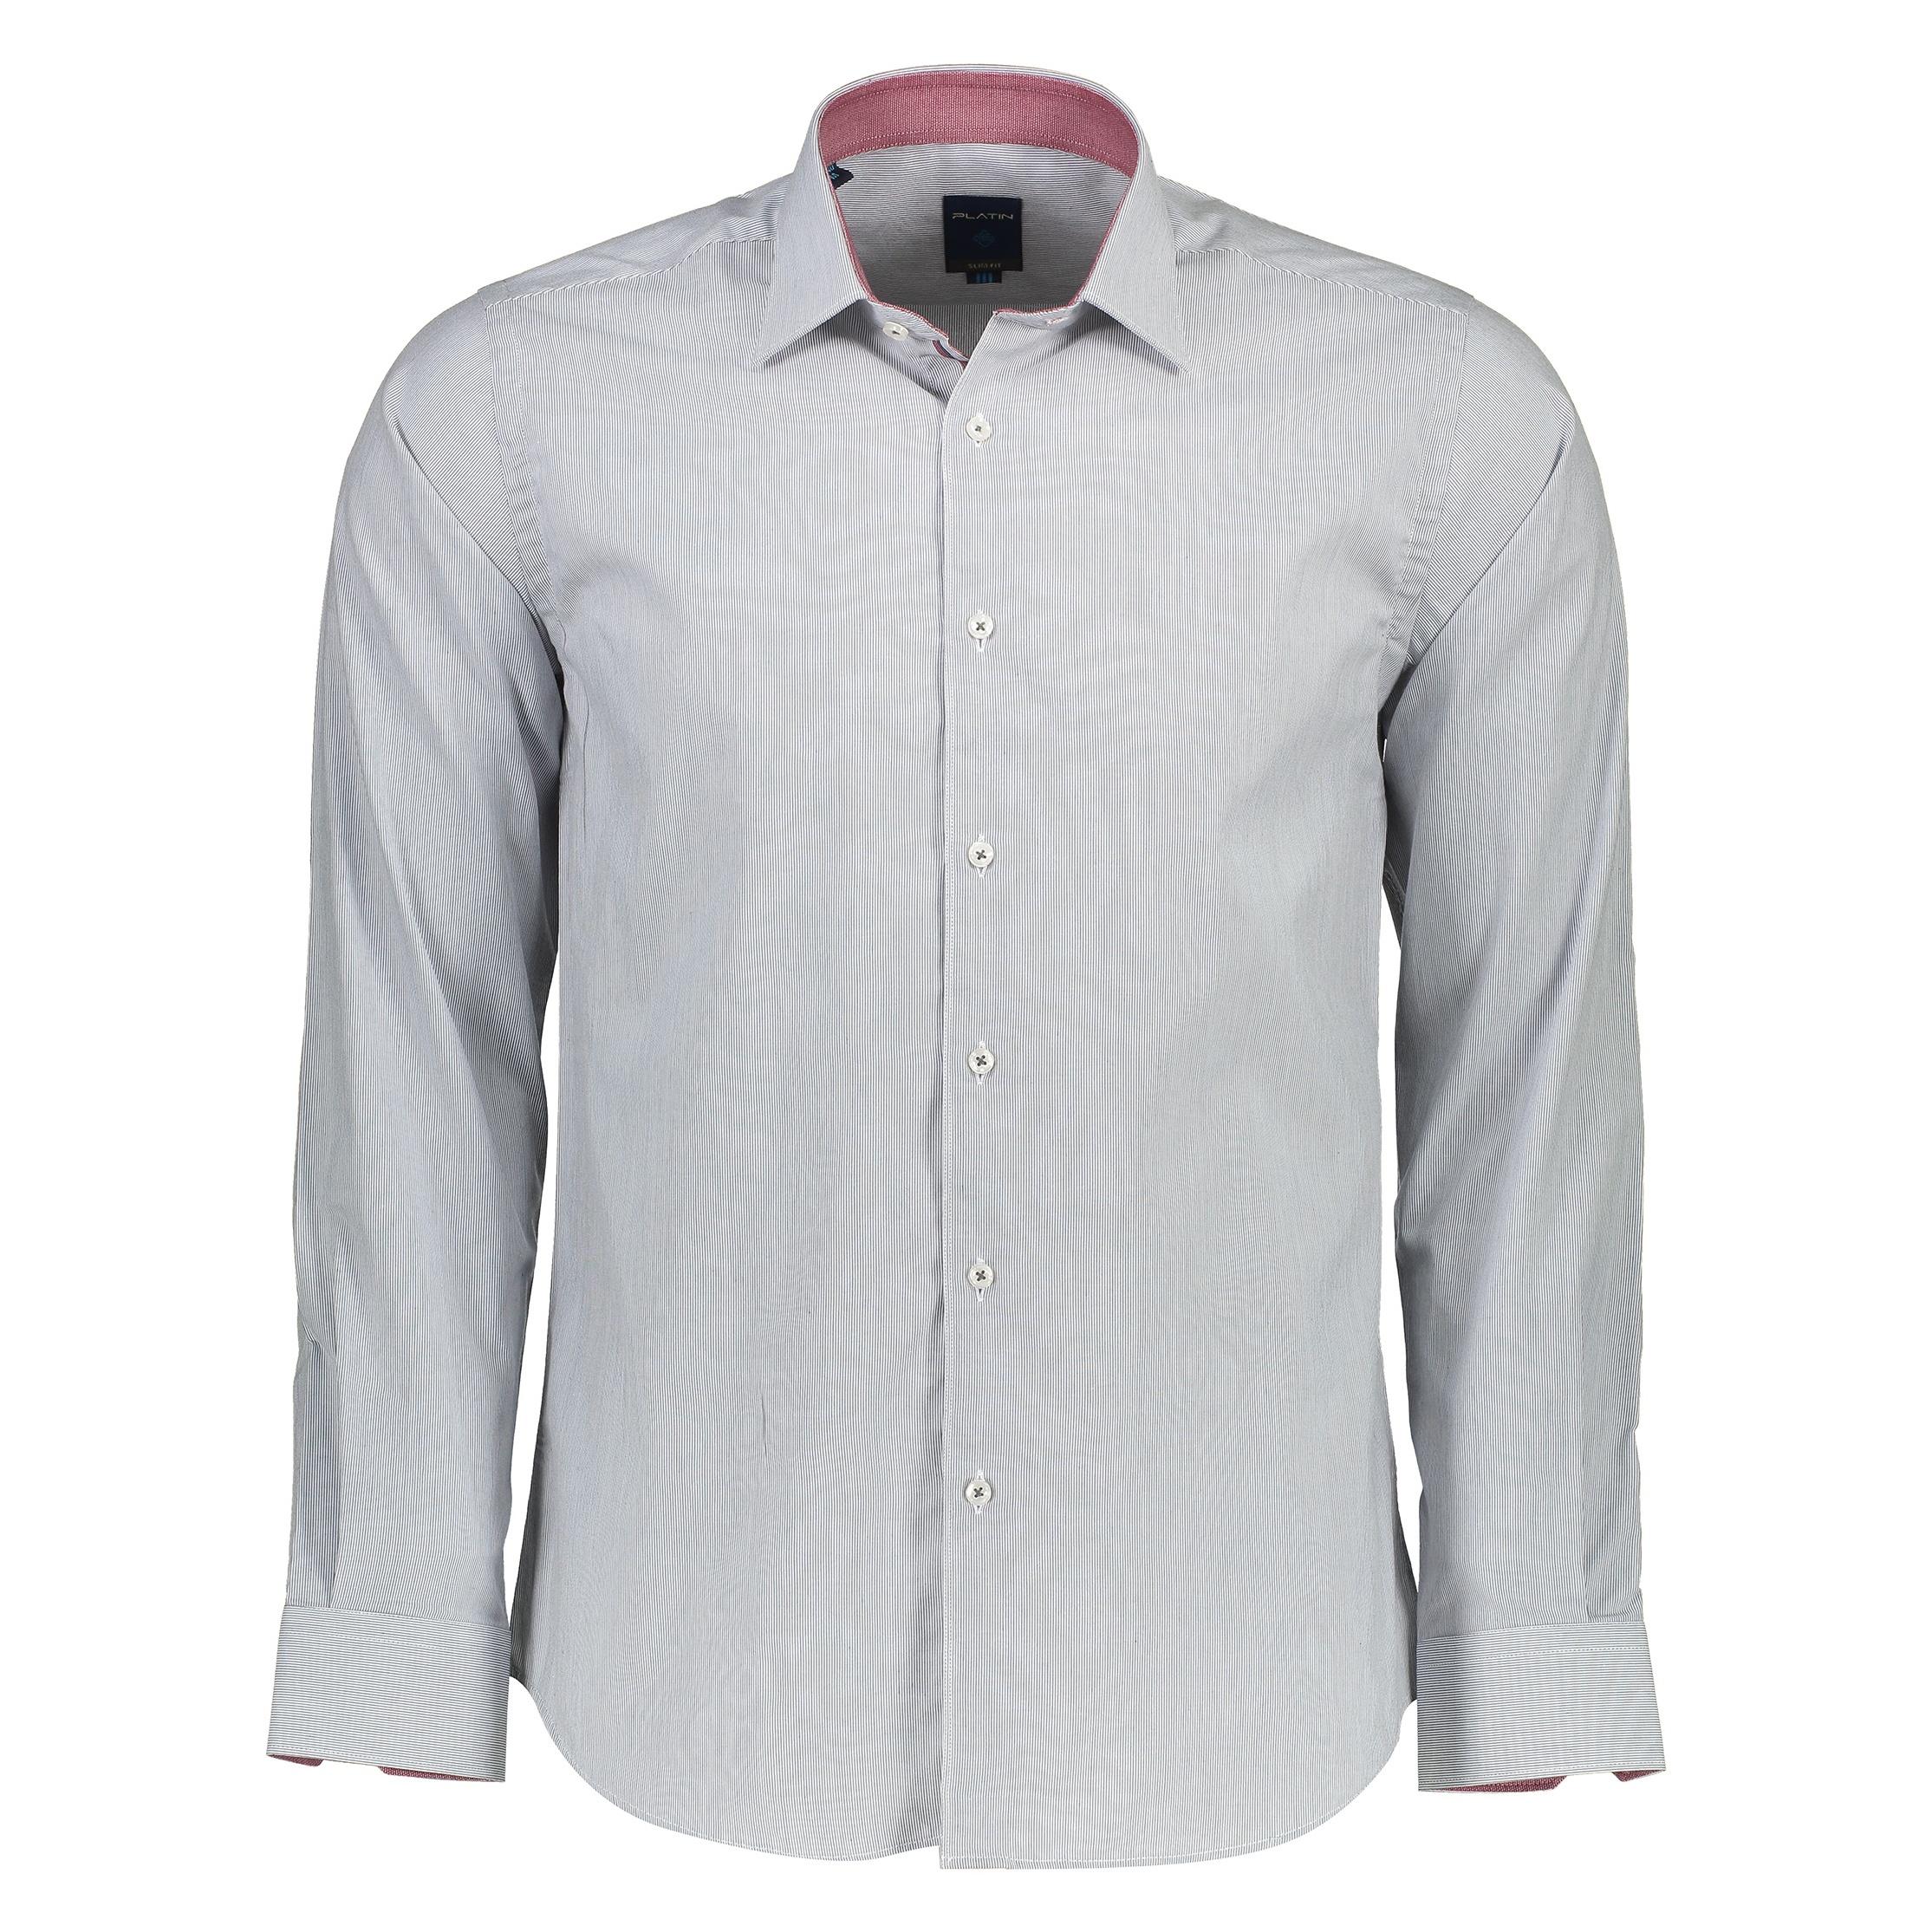 پیراهن مردانه پلاتین طرح راه راه کد 1009